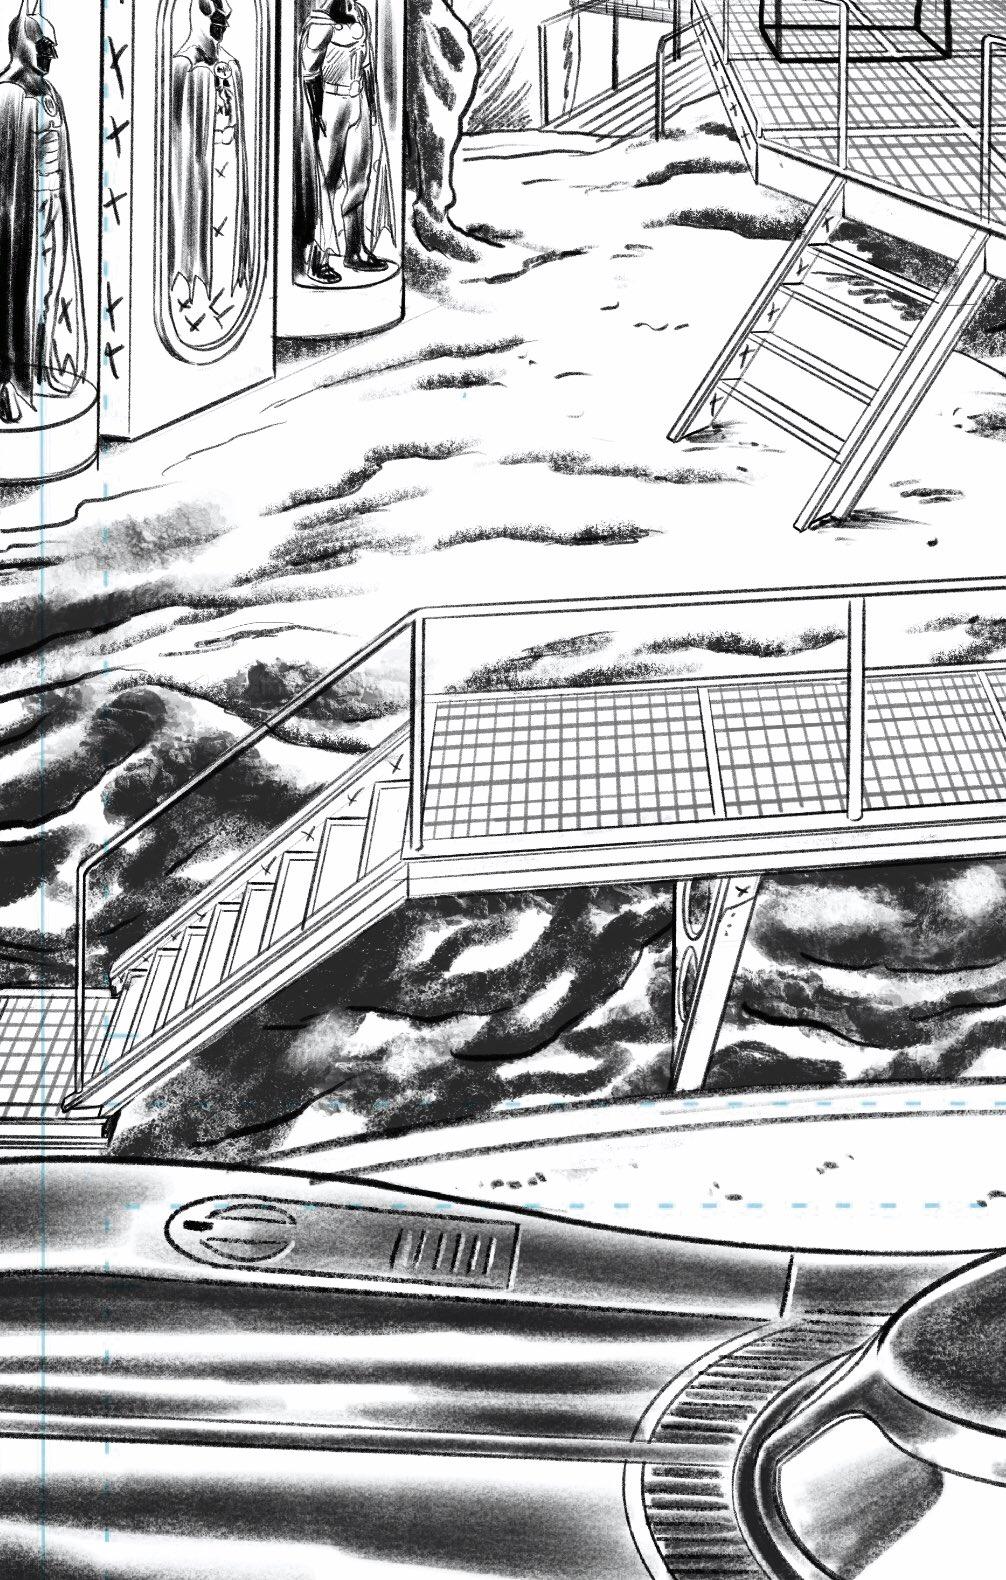 La Baticueva, el Batimóvil y los Batitrajes en Batman '89 (2021). Arte por Joe Quiñones. Imagen: Joe Quiñones Twitter (@Joe_Quinones).